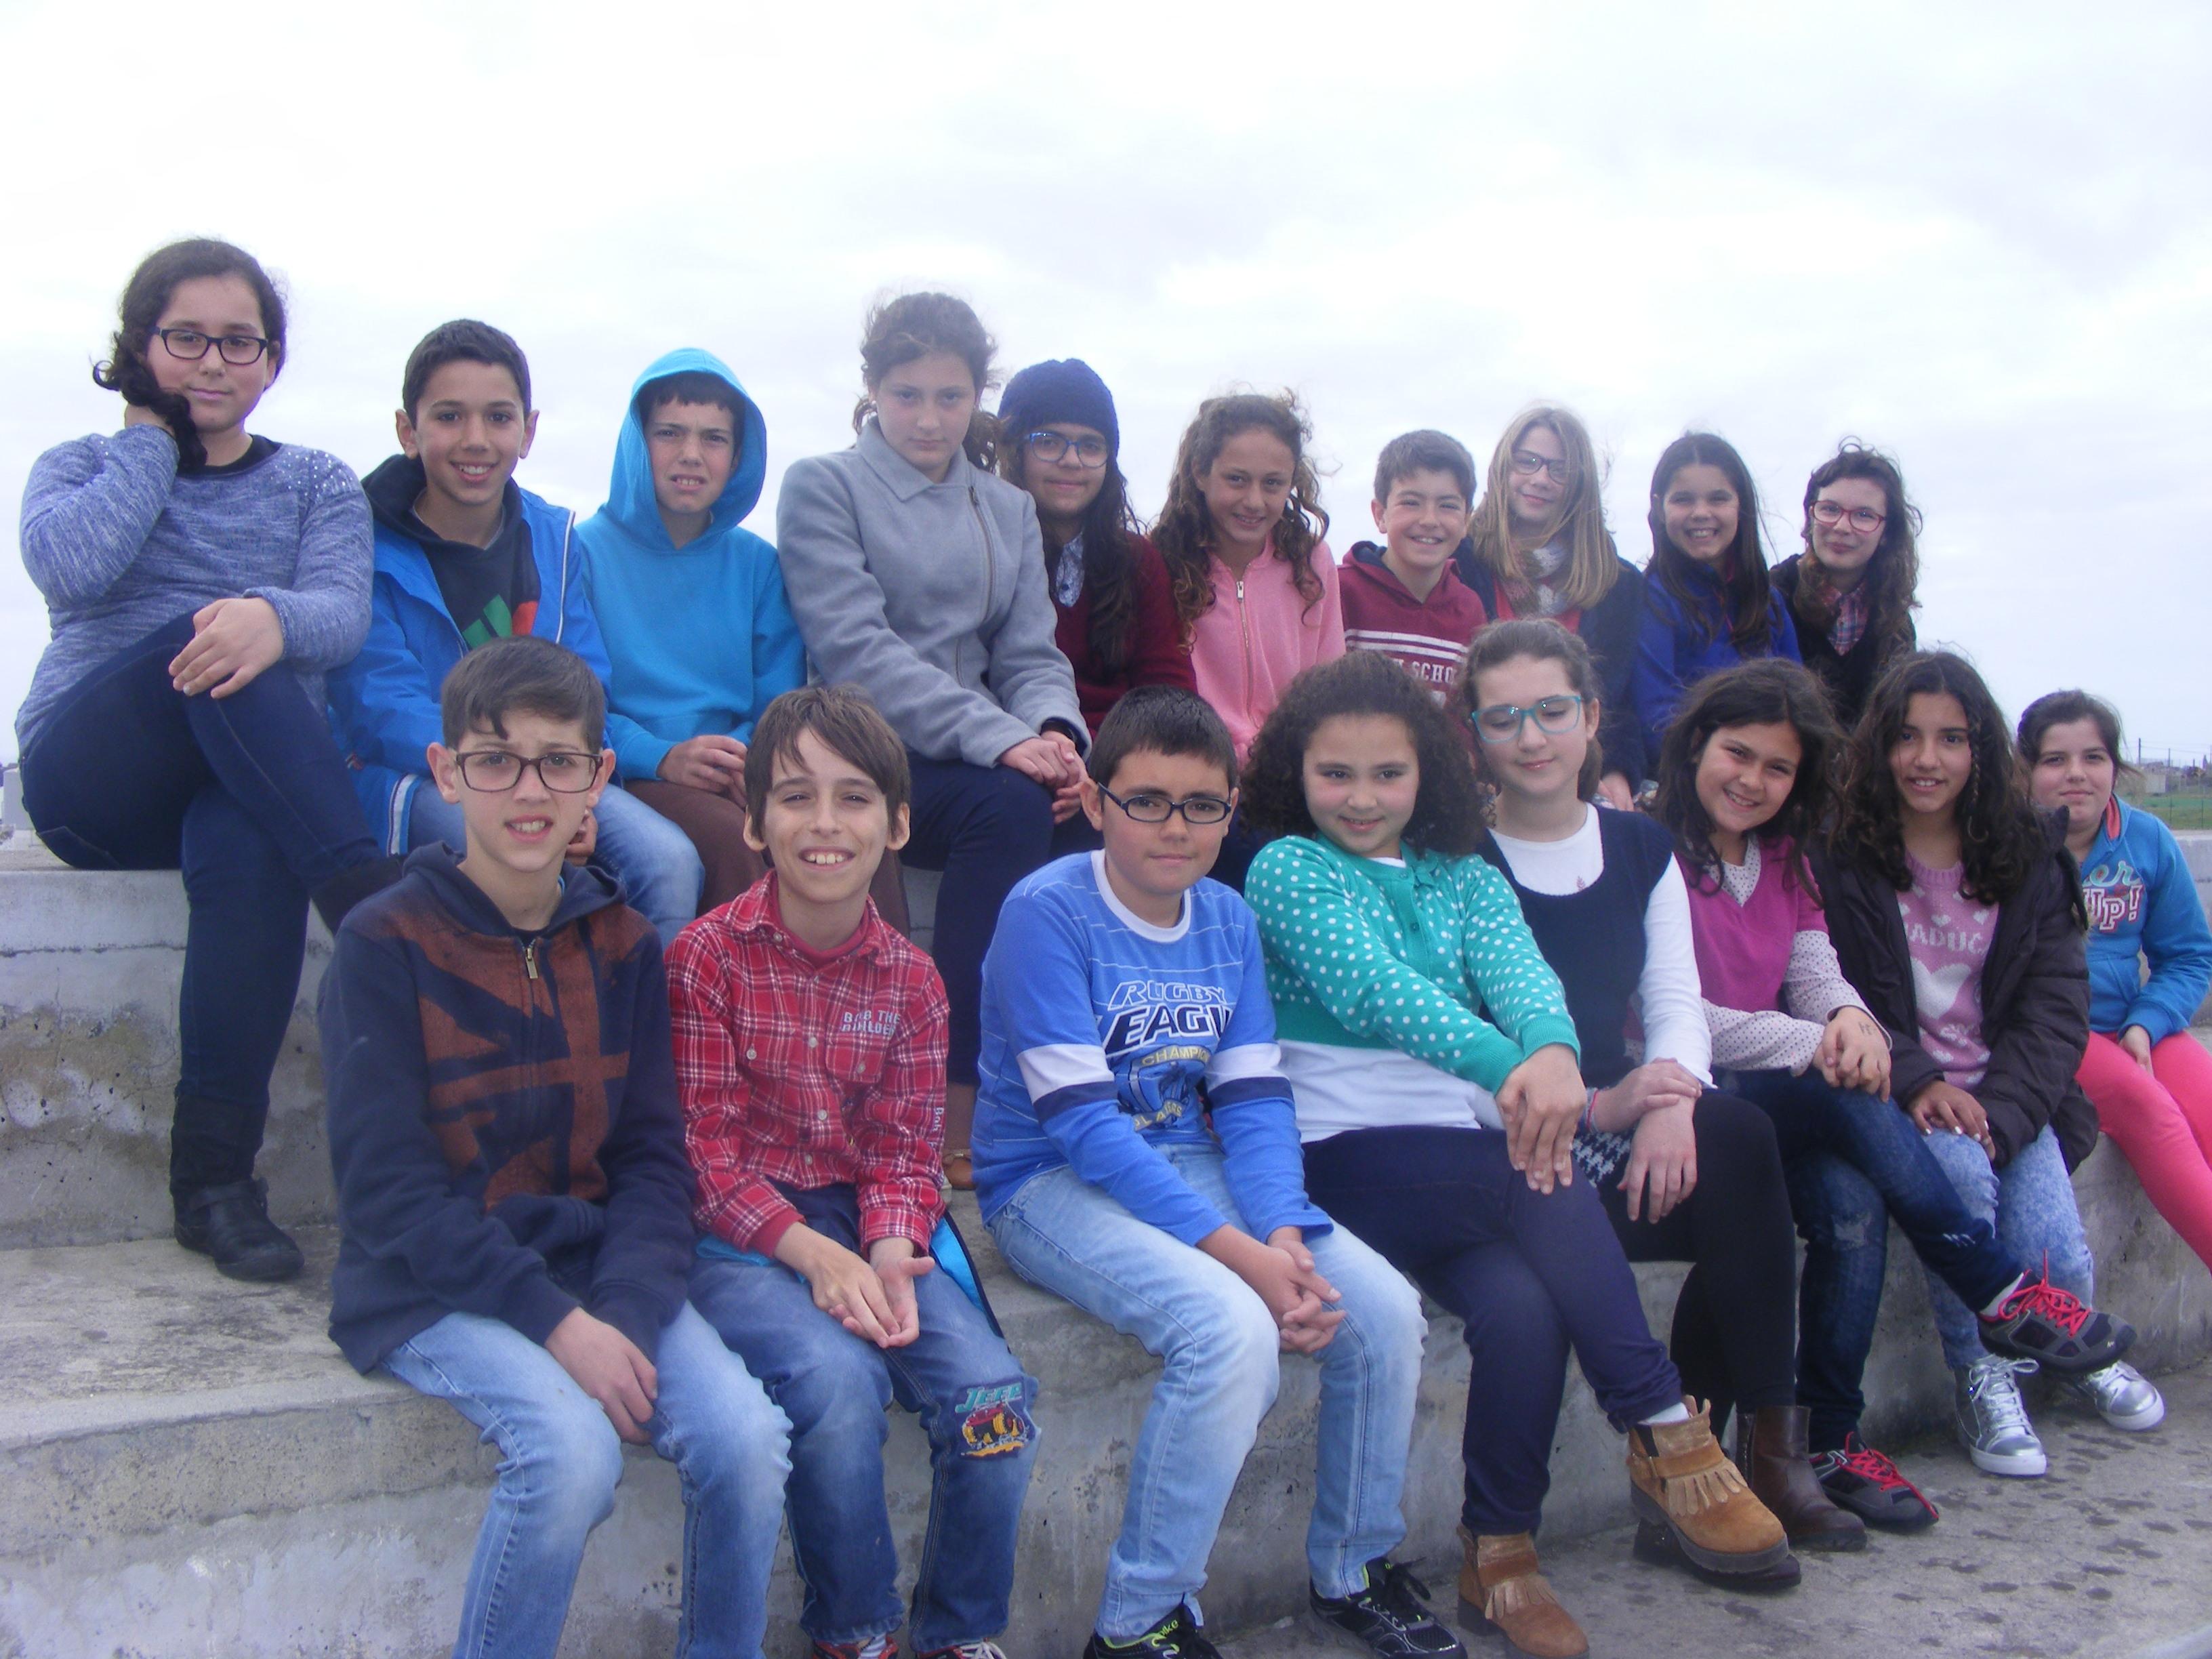 Alunos do 5.º B, da Escola Básica e Secundária Bento Rodrigues da Ilha de Santa Maria, Açores, Portugal.